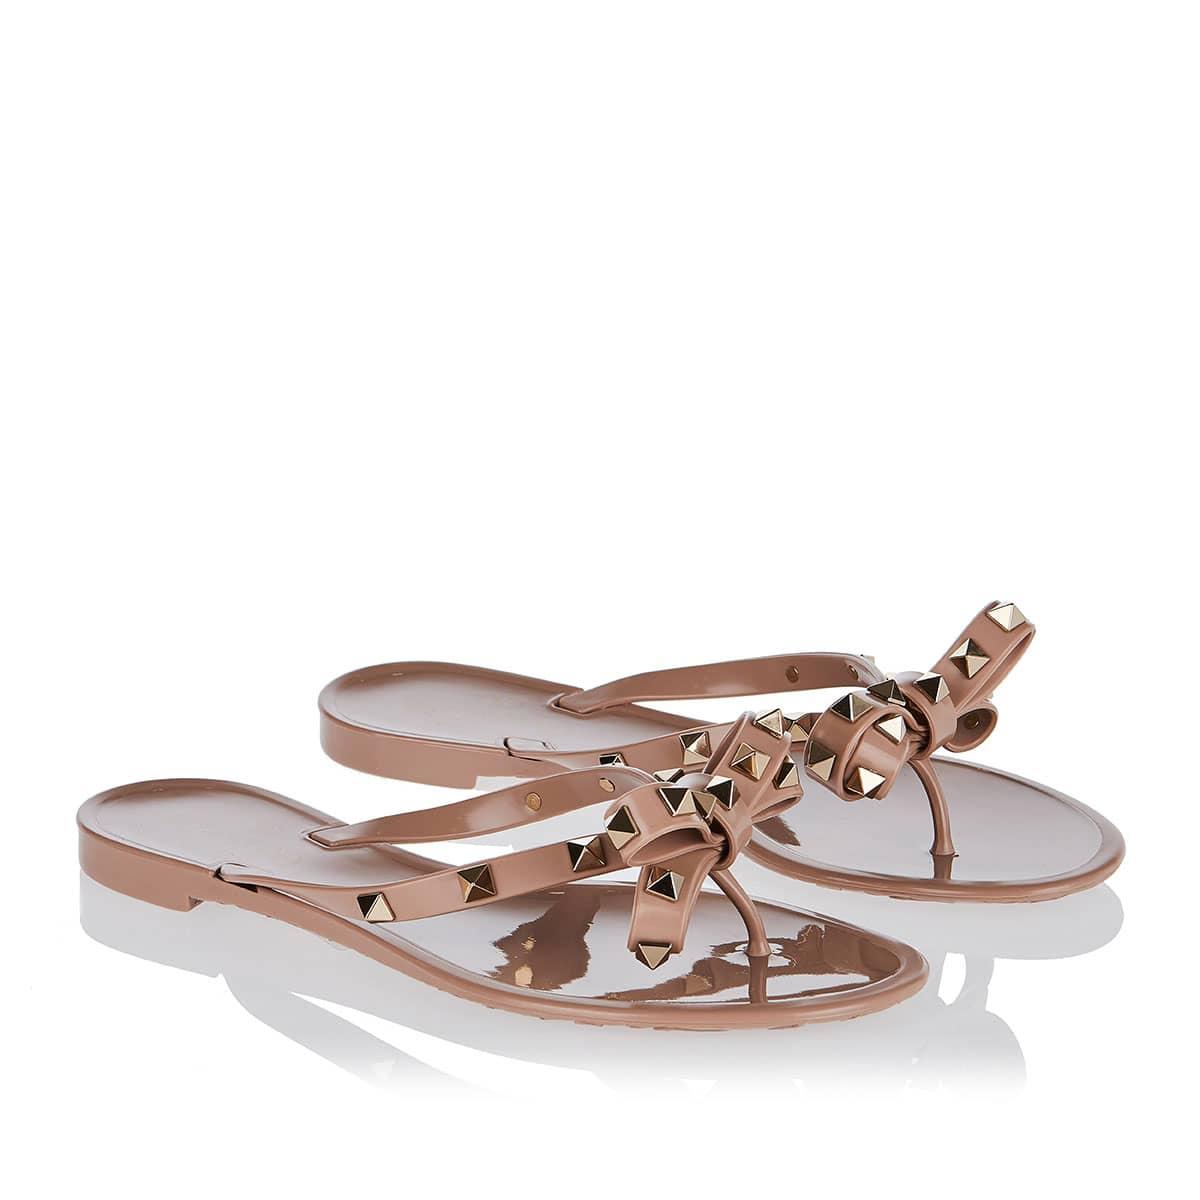 Rockstud bow pvc flat sandals